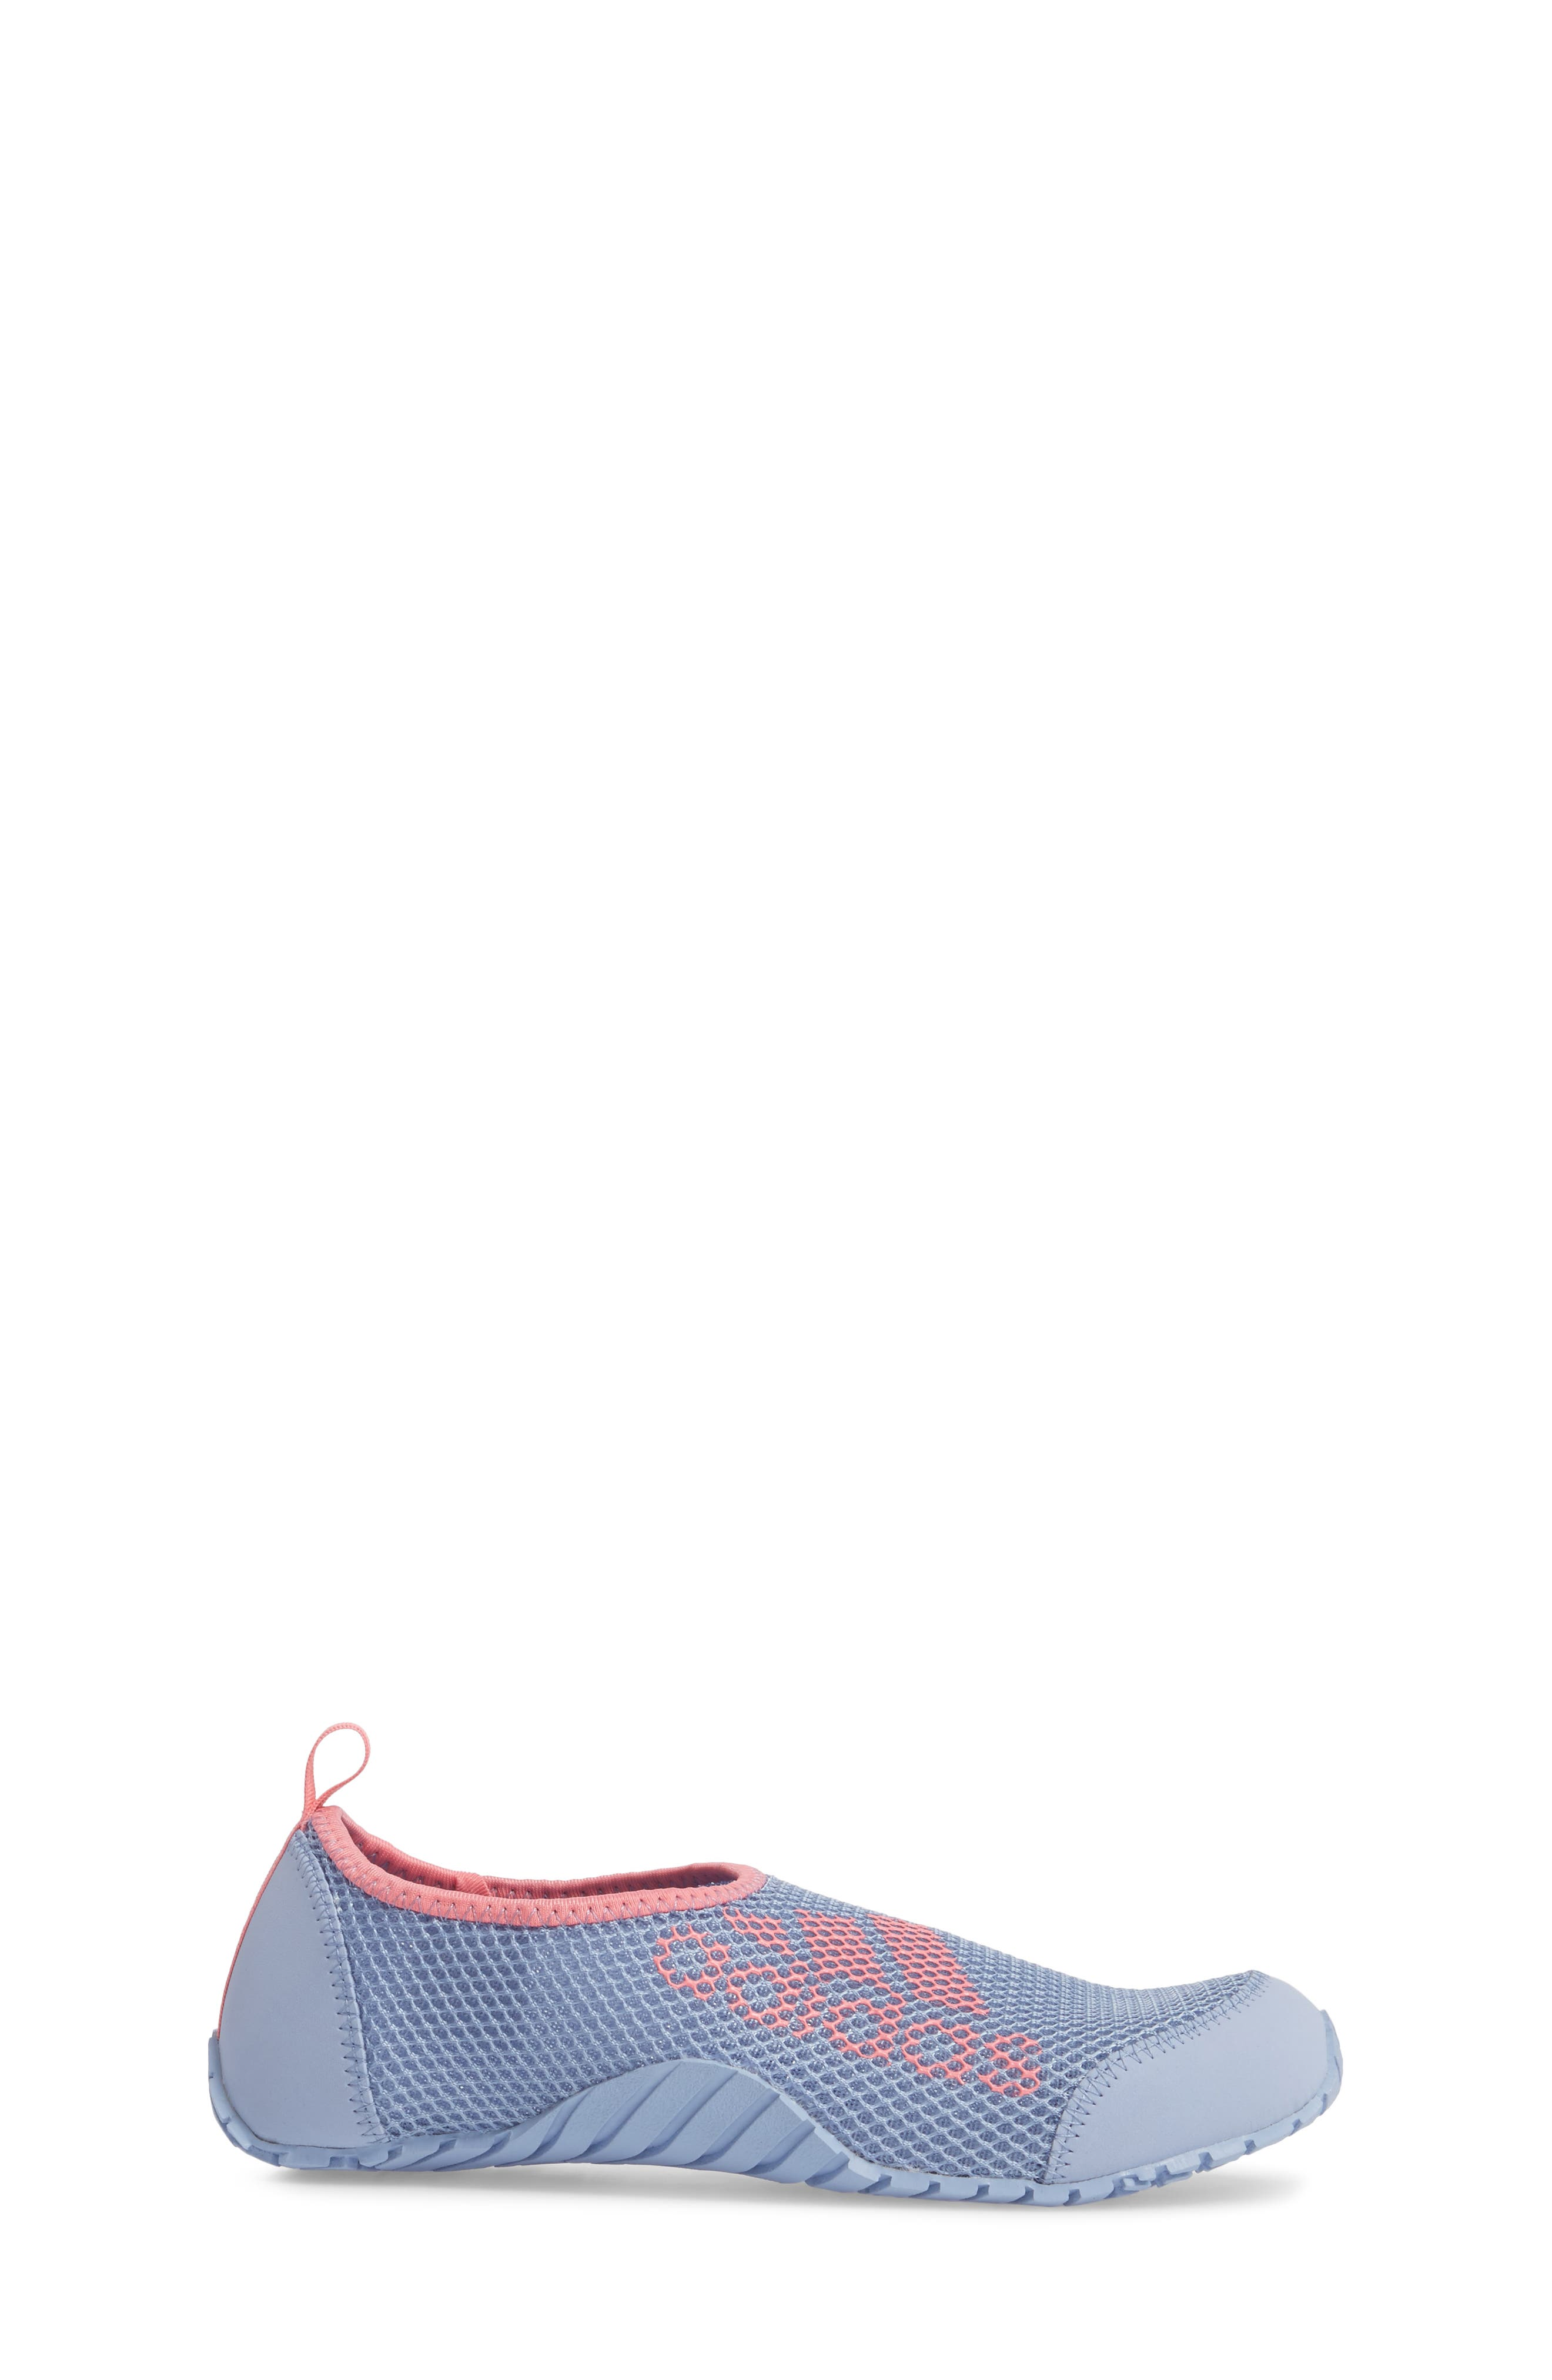 Alternate Image 3  - adidas Kurobe Mesh Slip-On Water Shoe (Toddler, Little Kid & Big Kid)